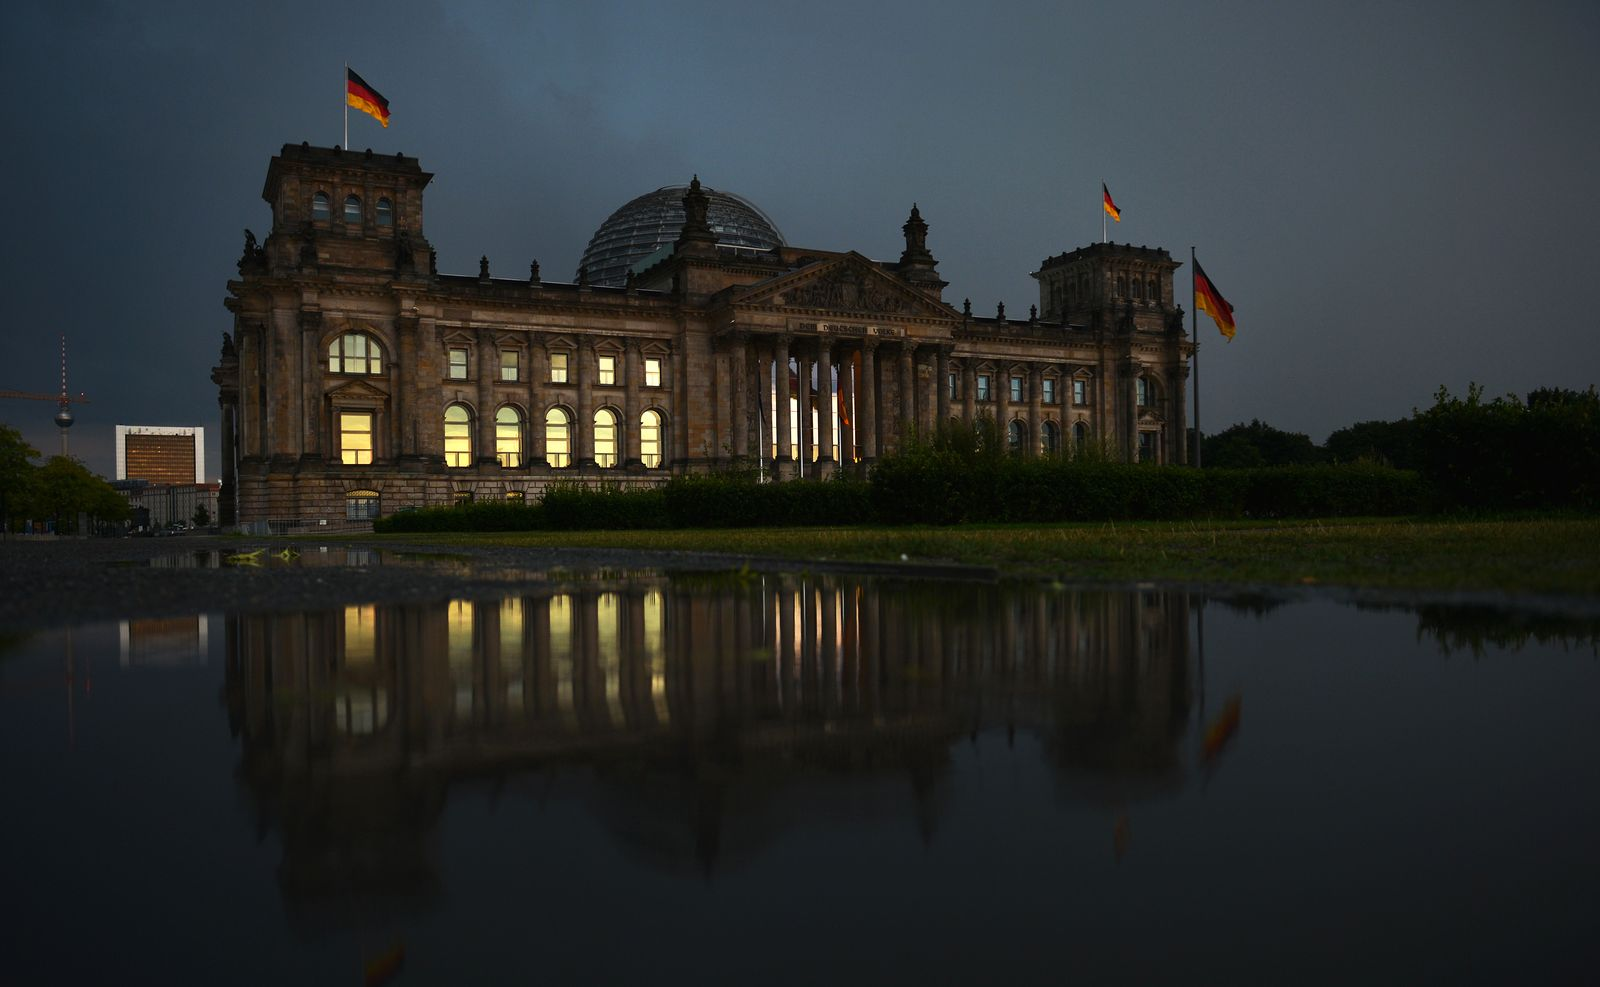 NICHT VERWENDEN Reichstag / Gewitterstimmung